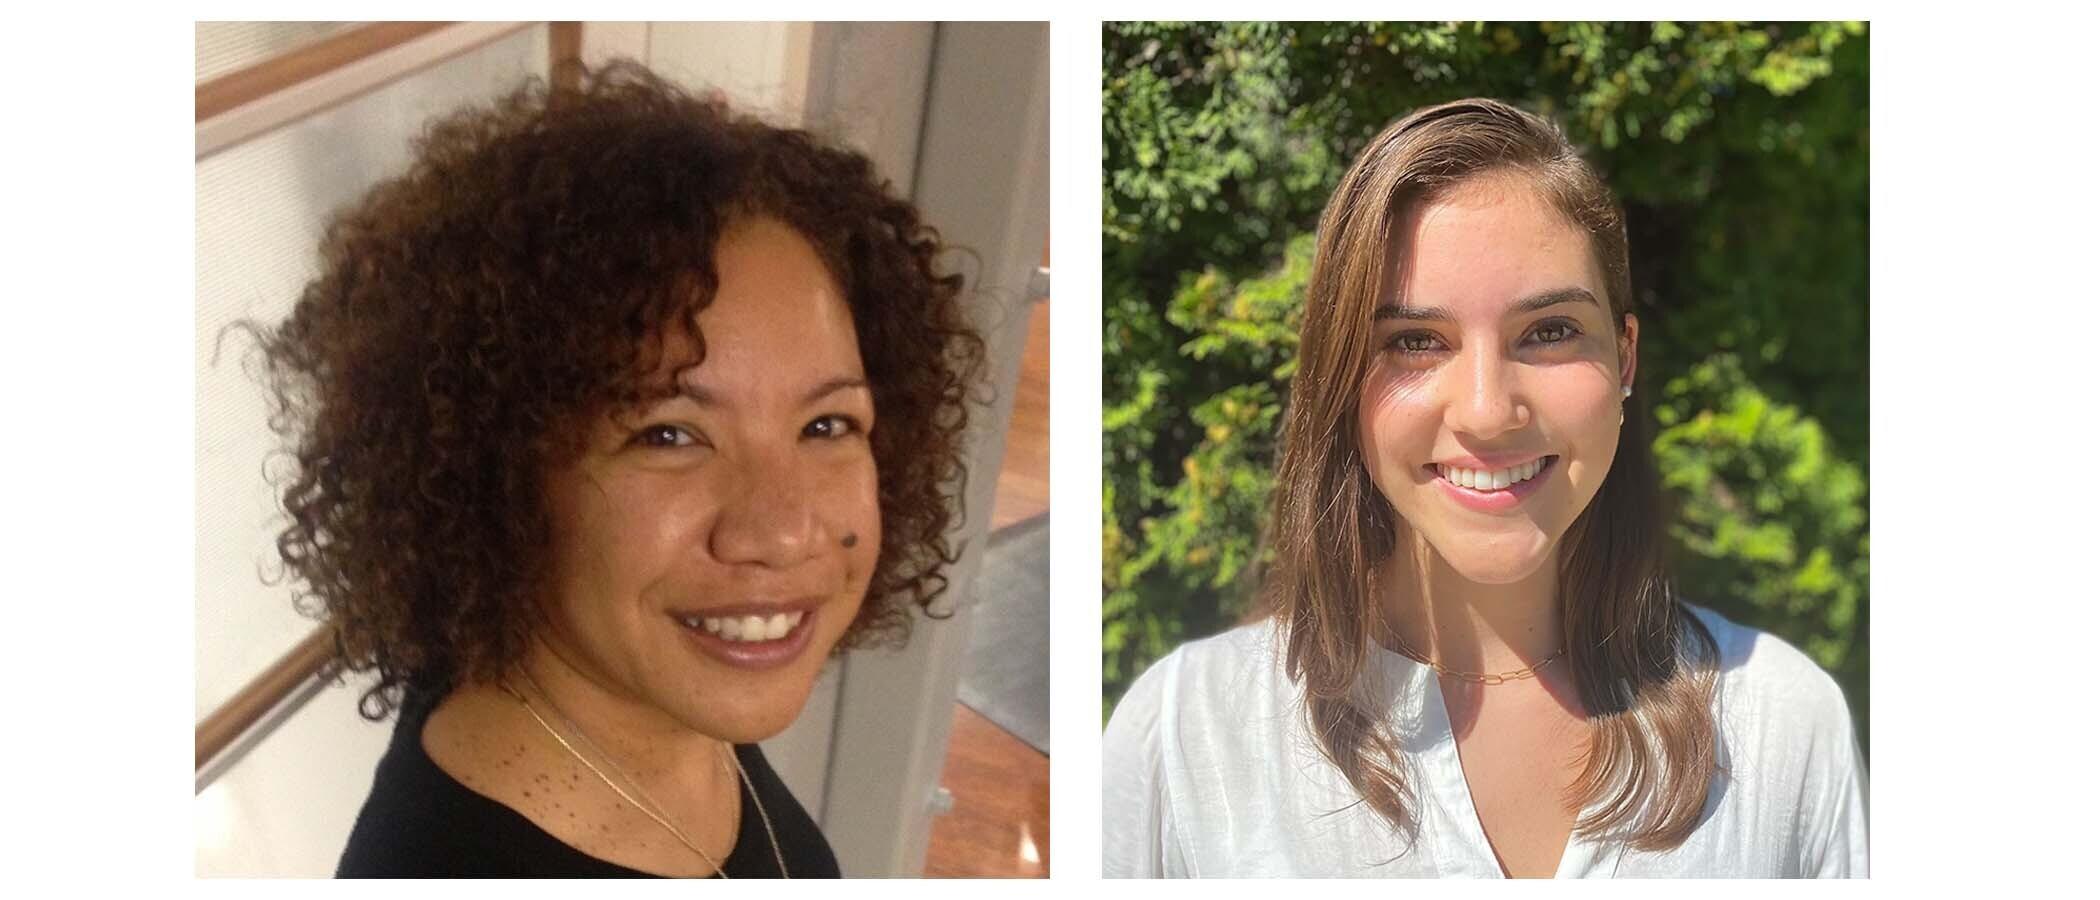 Dr. Criscillia Benford & Celine Bernhardt-Lanier